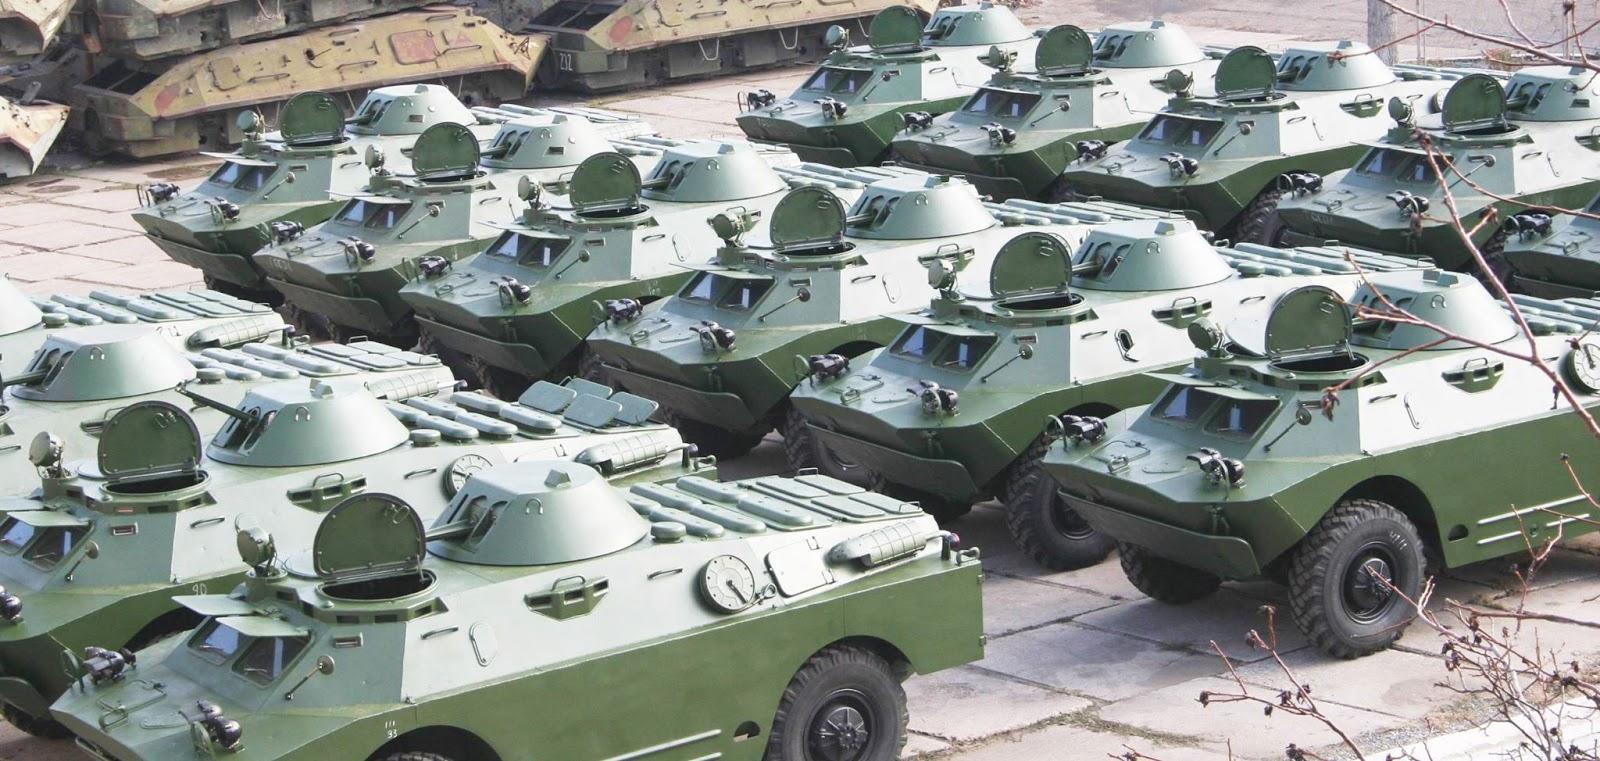 Миколаївський бронетанковий завод виготовив нову партію БРДМ-2 для ЗС України